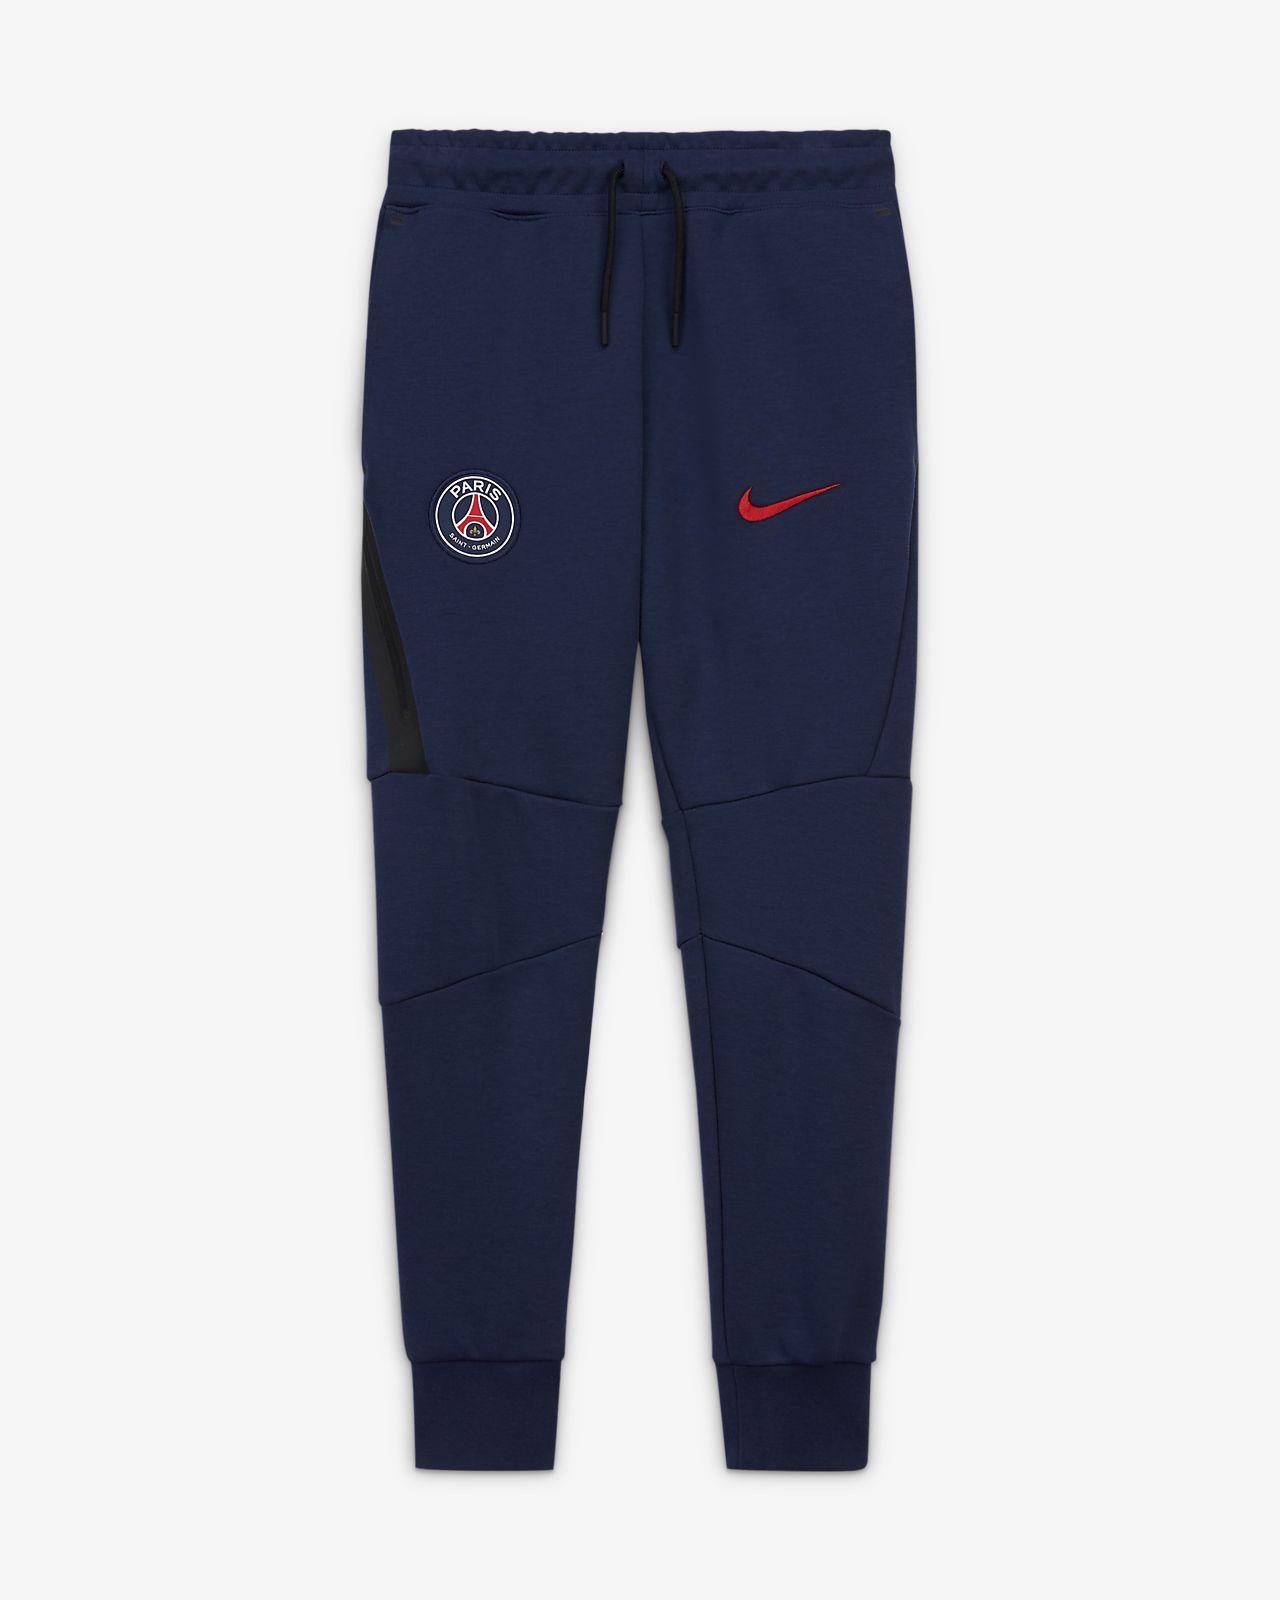 Pantalon en tissu Fleece Paris Saint-Germain pour Enfant plus âgé